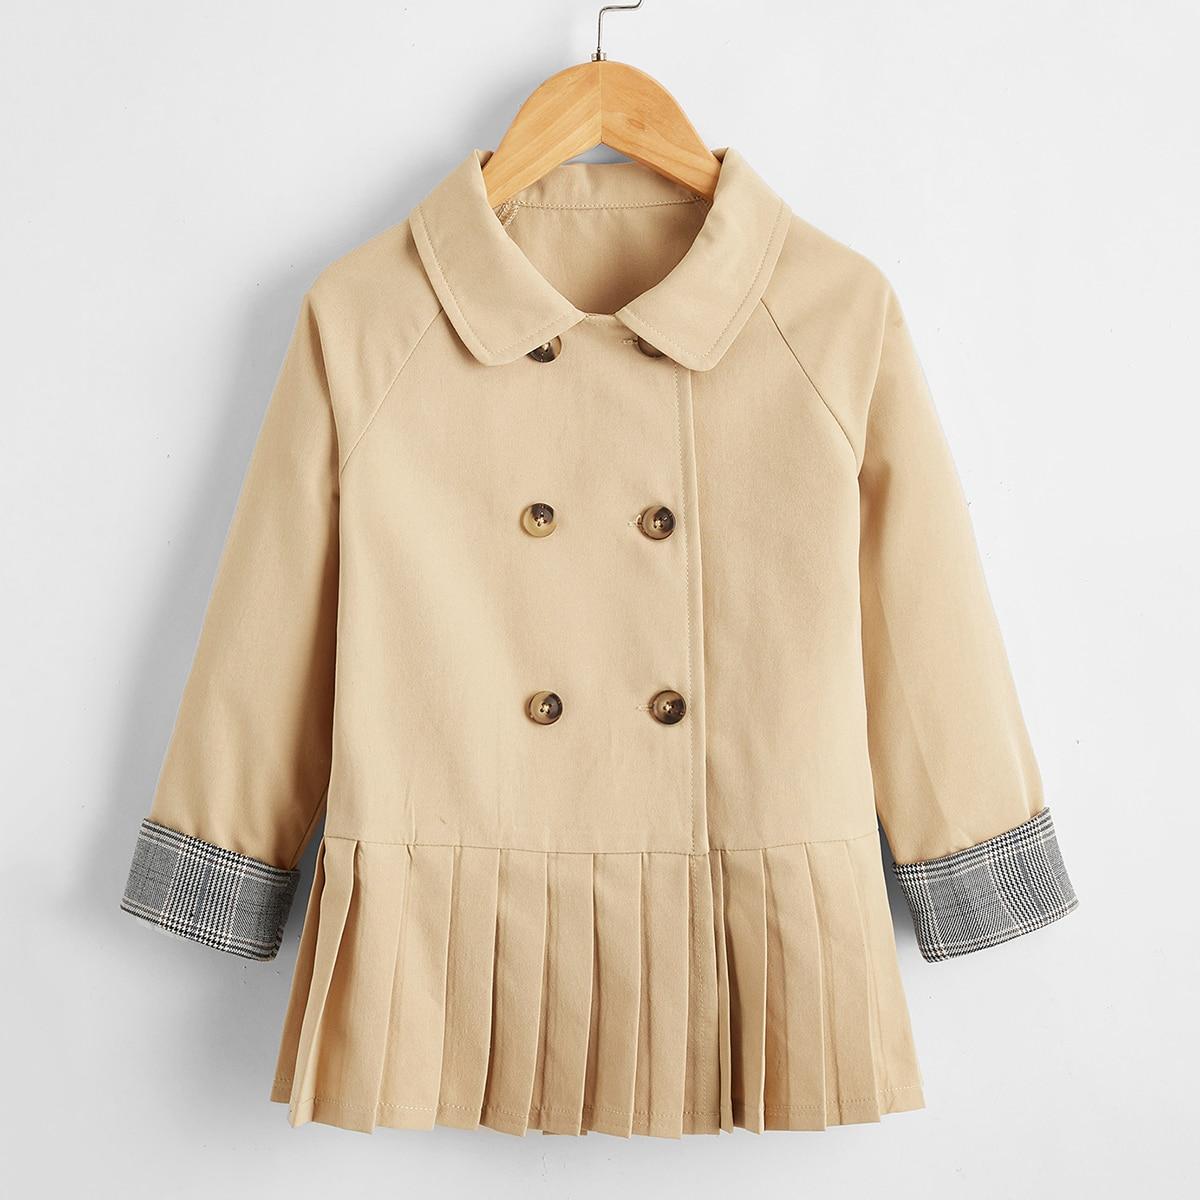 Пальто в клетку со складками для девочек